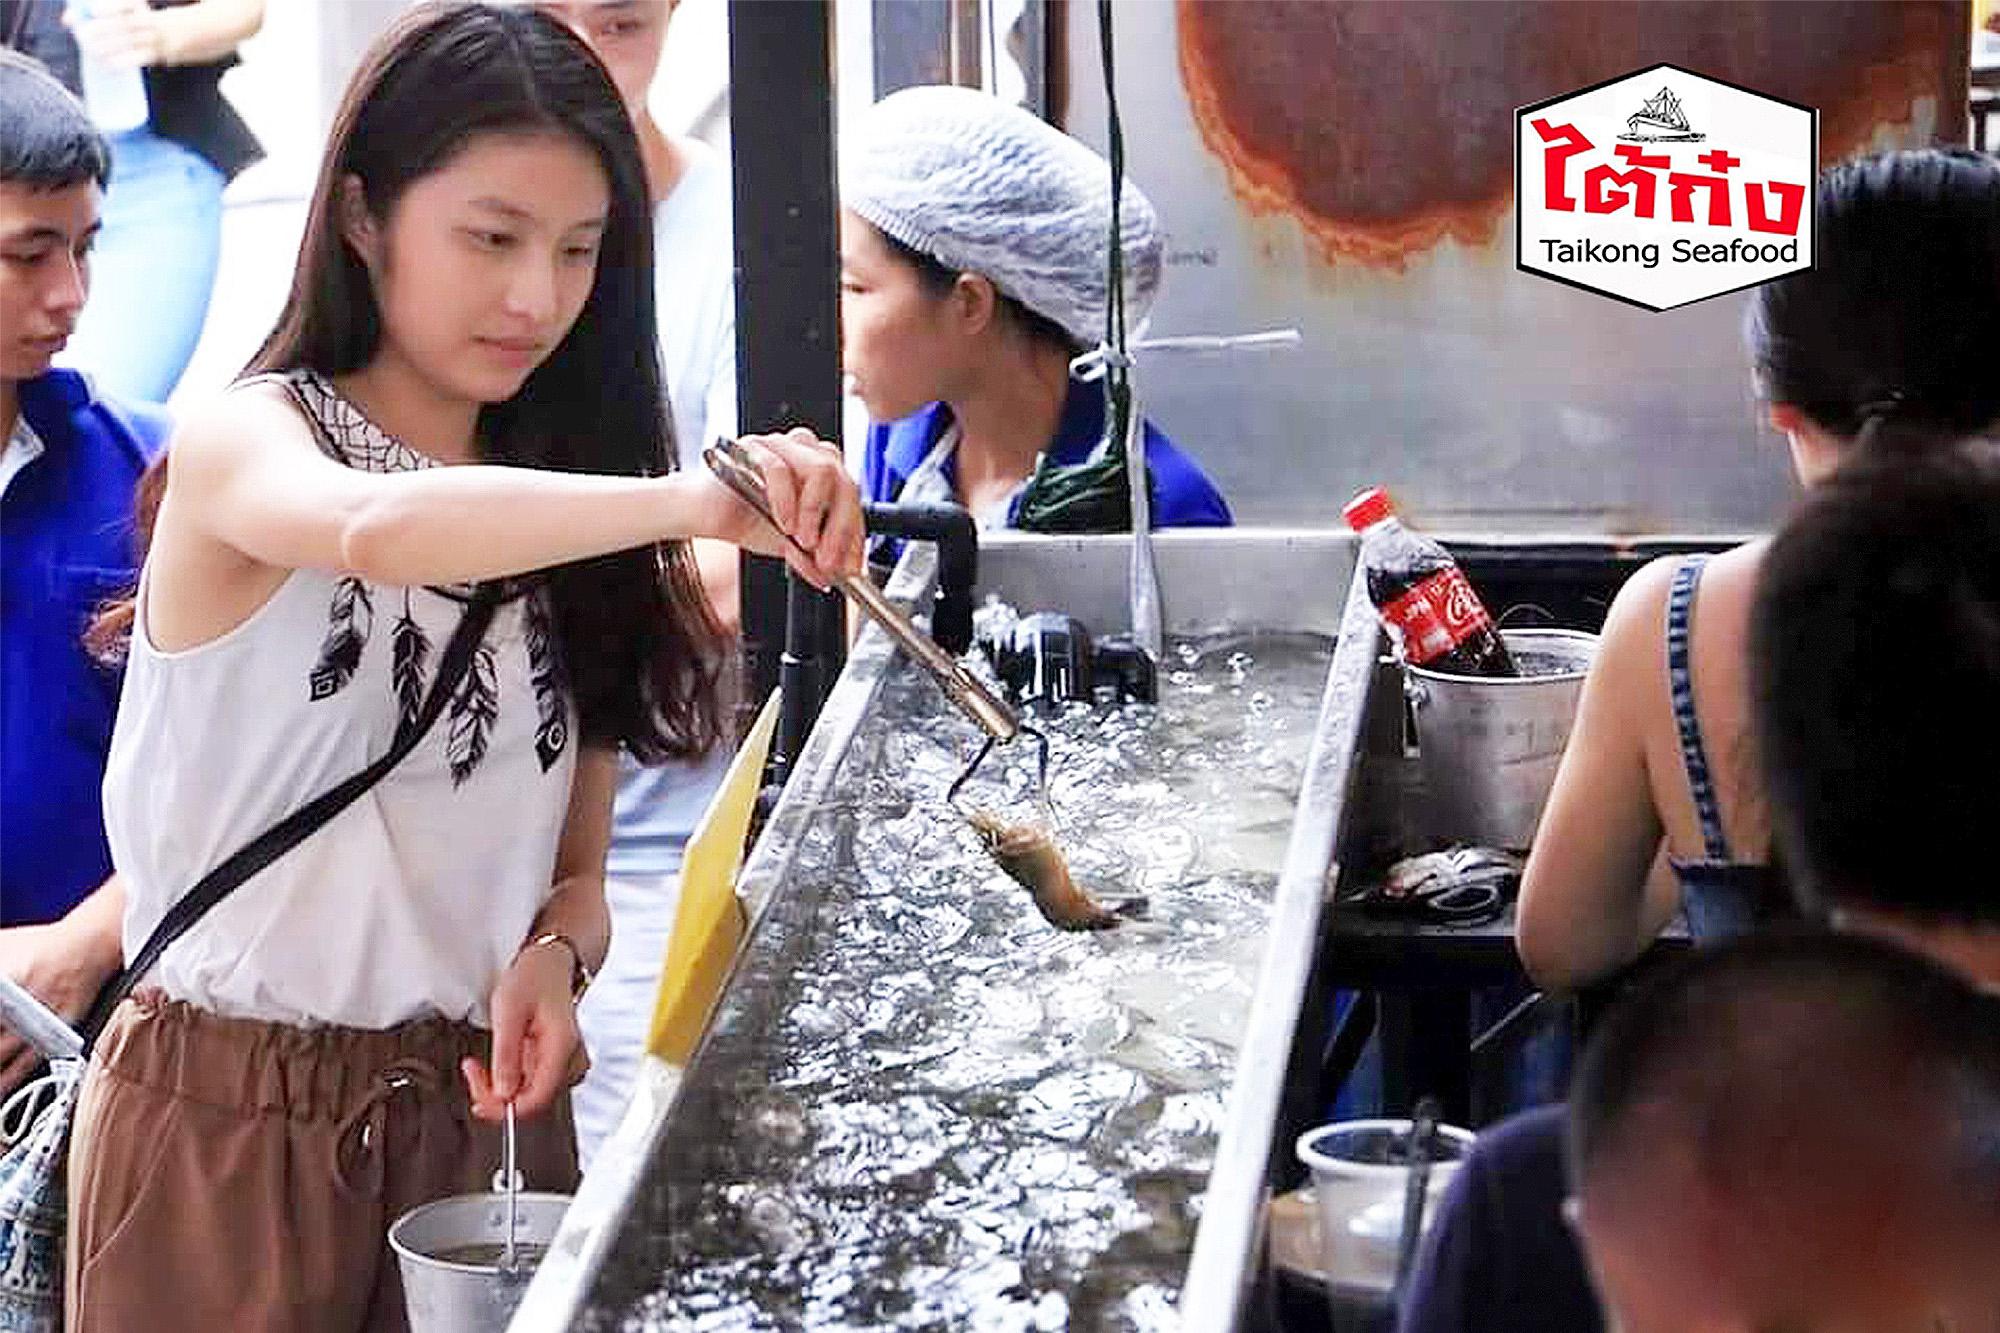 曼谷Taikong流水虾海鲜餐厅,现捞泰国虾新鲜美味。